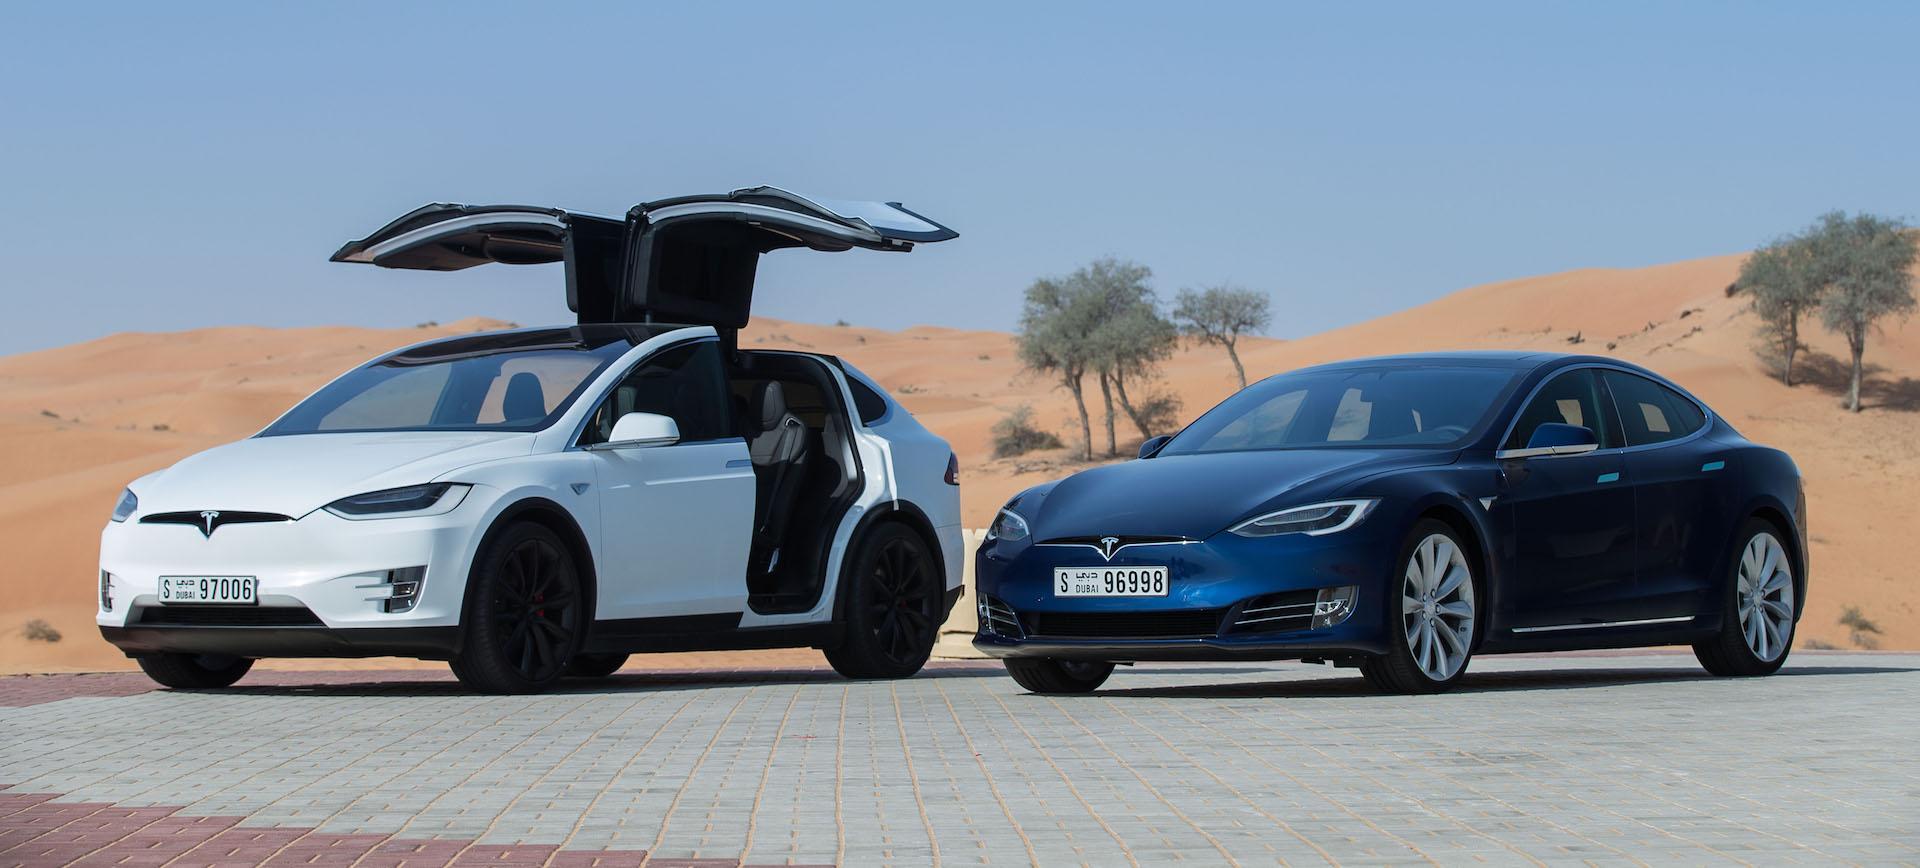 Маск анонсировал серьезные изменения в двух моделях Tesla 1